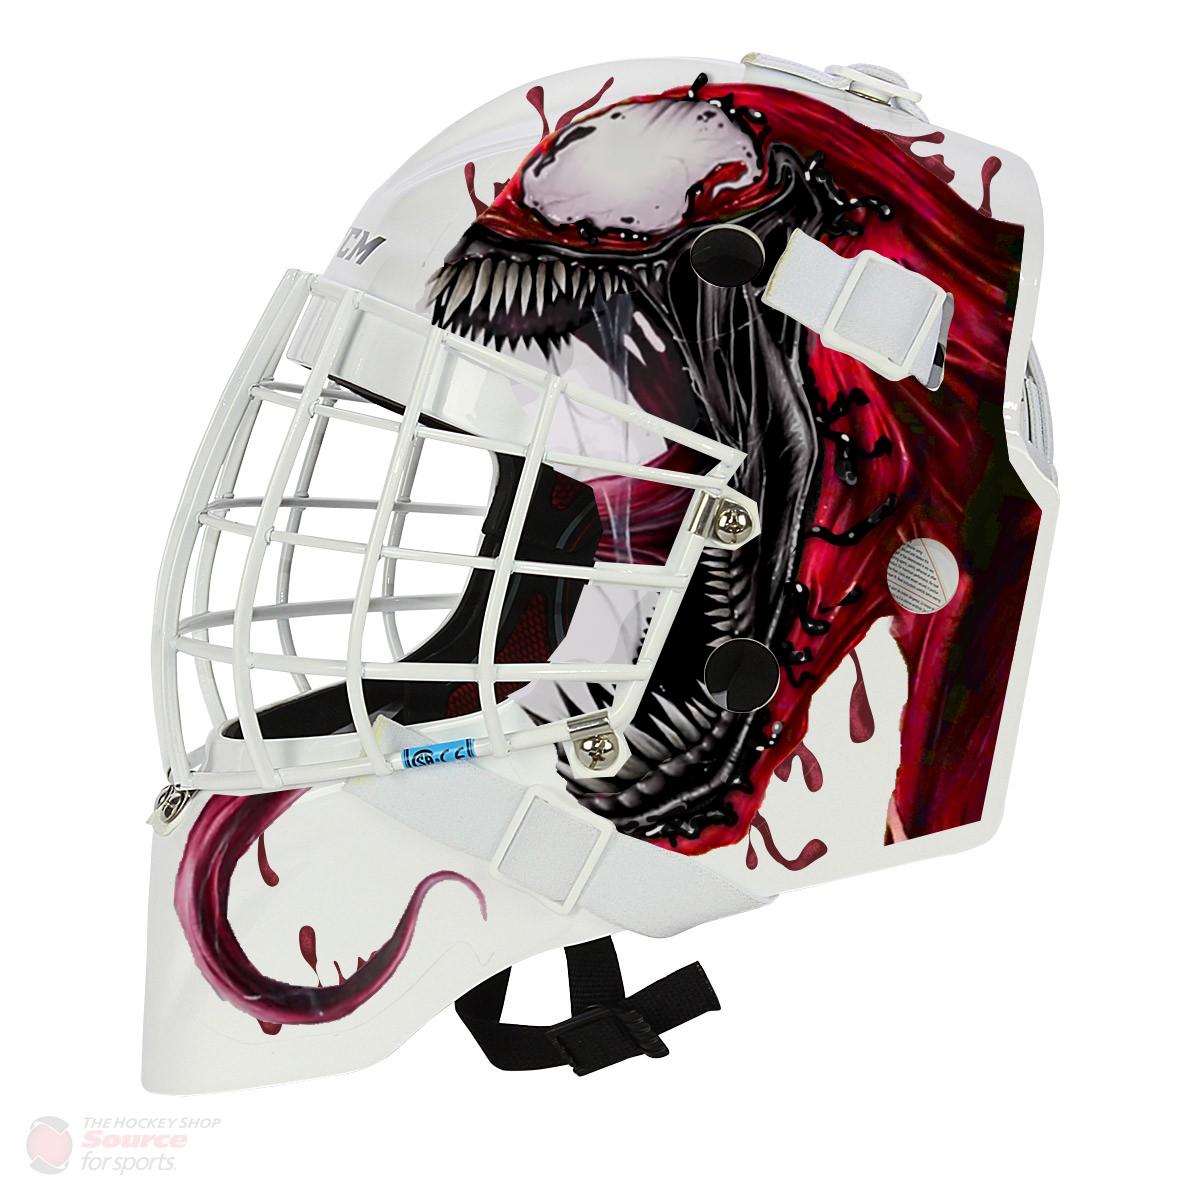 Marvel spiderman carnage goalie mask design art for printed vinyl concept